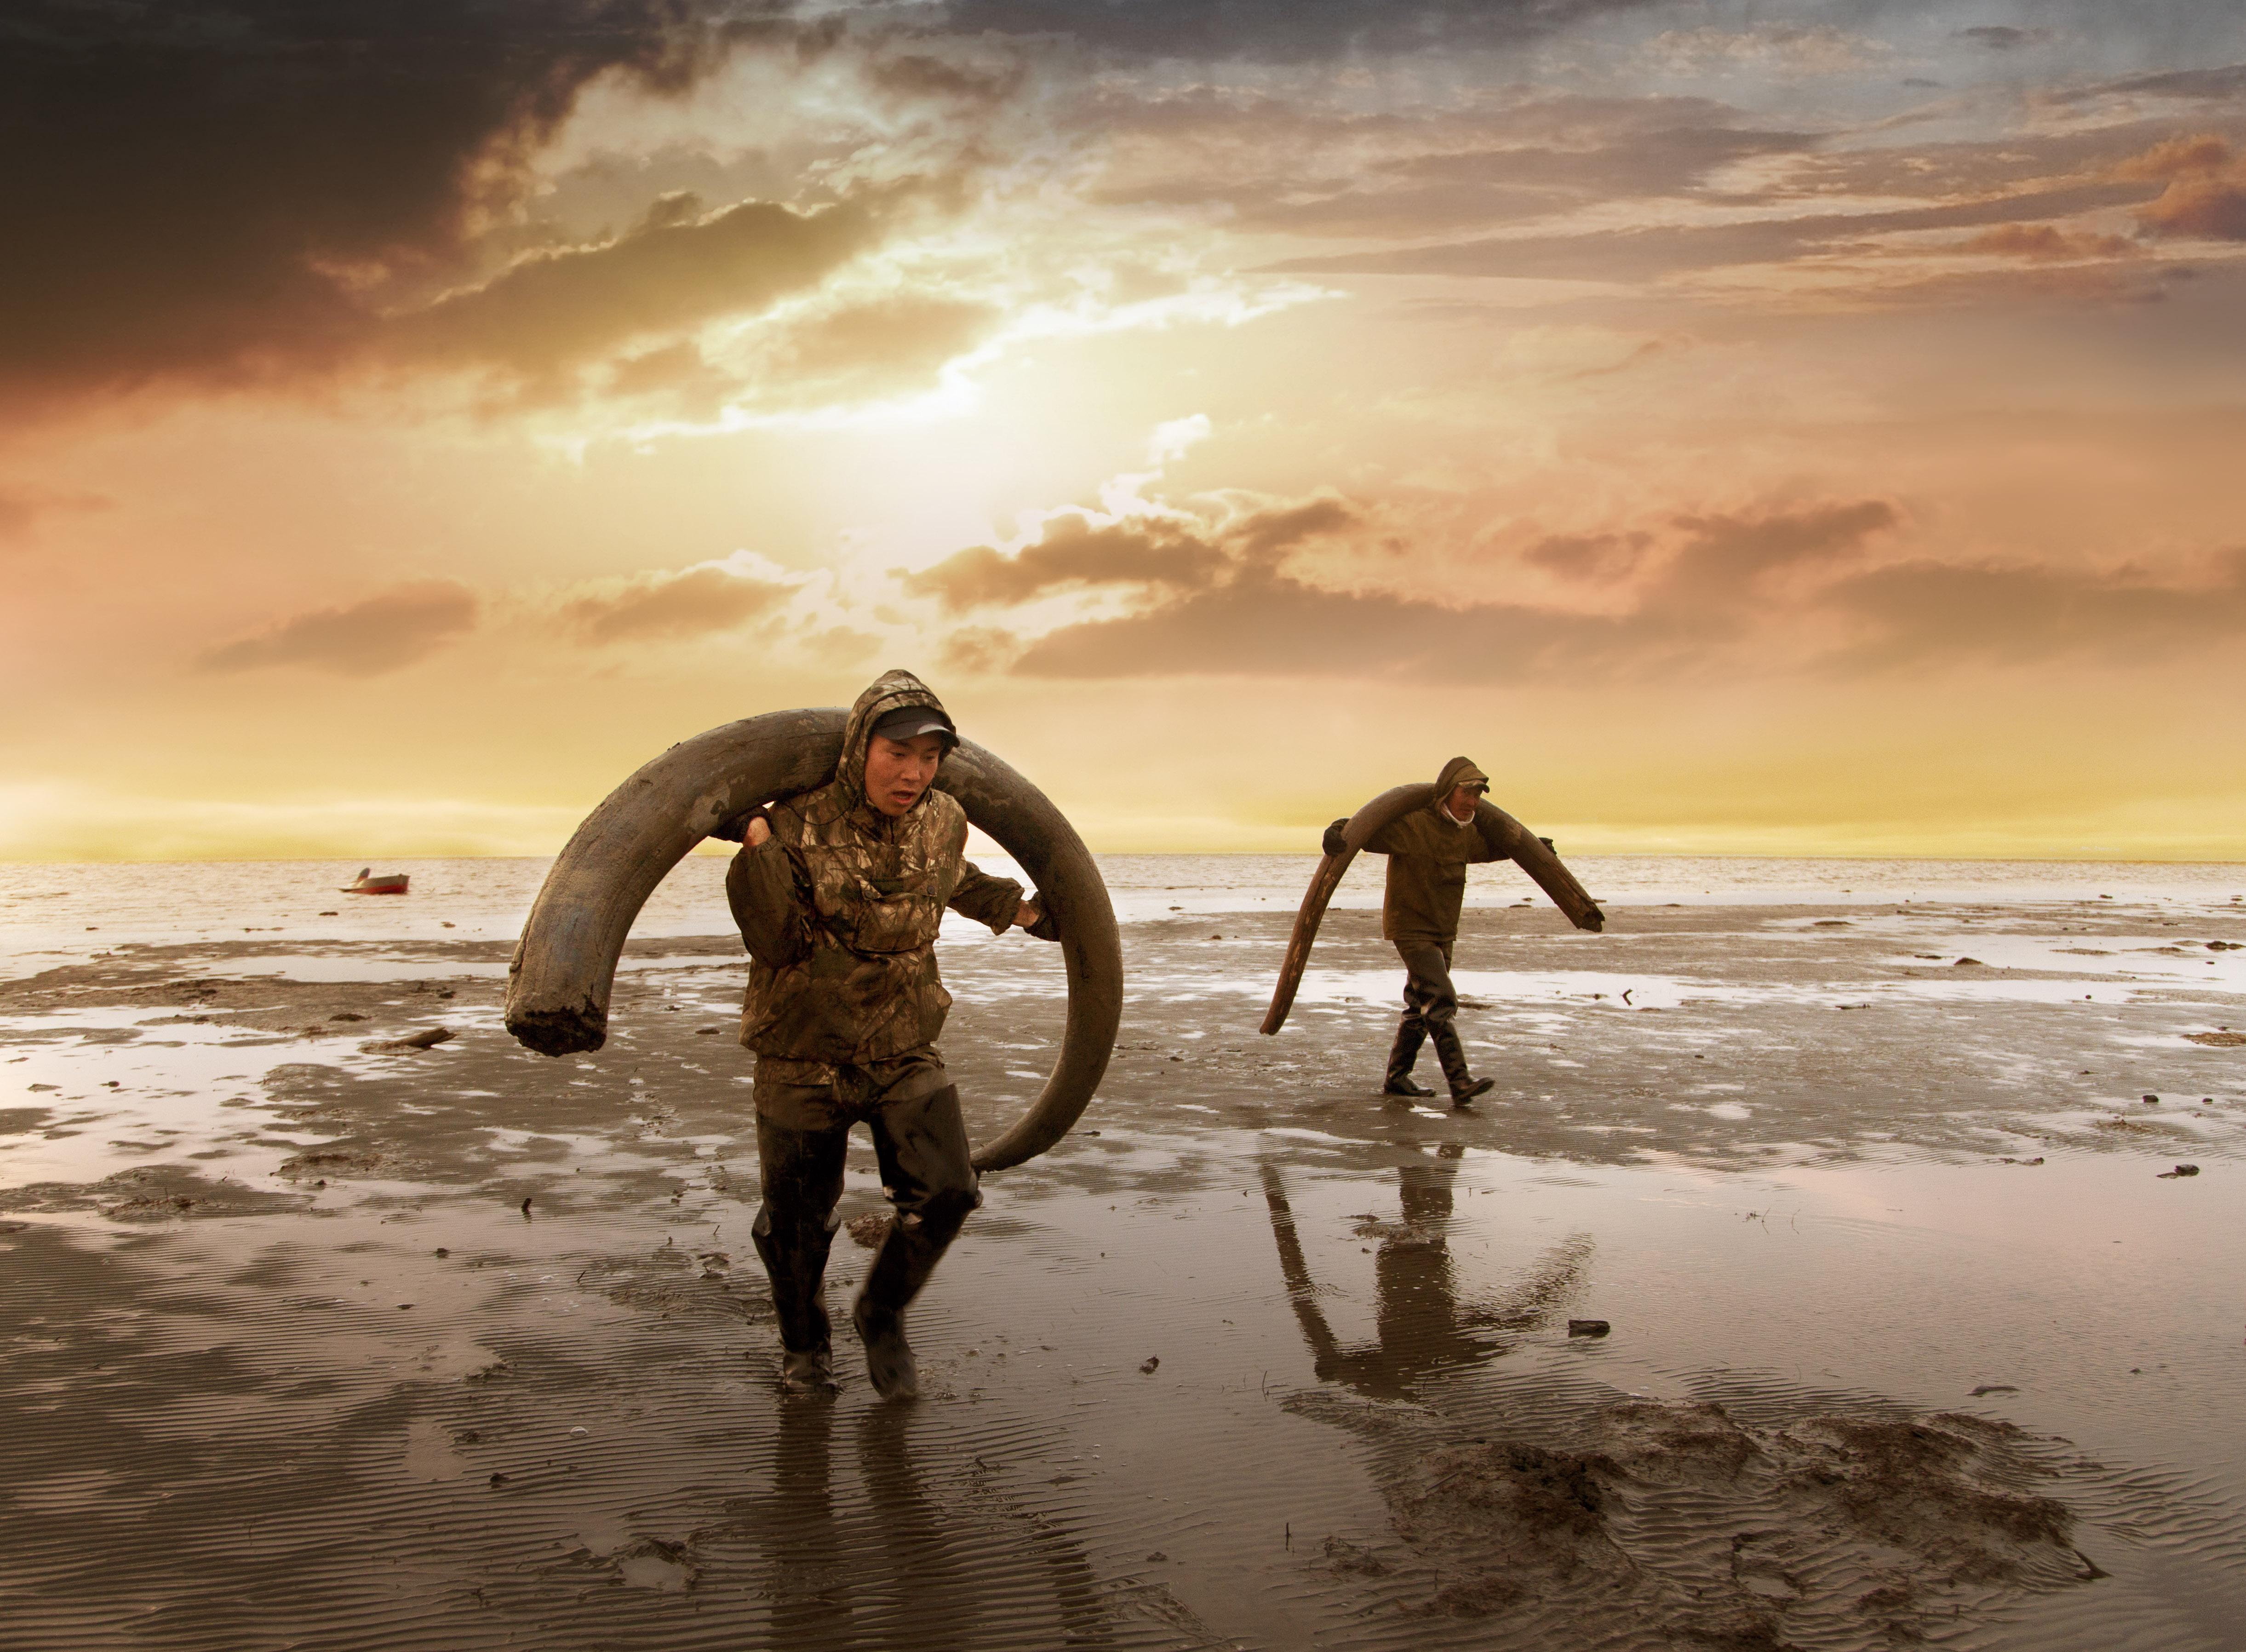 Elke zomer zoeken Jakoetiërs naar slagtanden. Niet voor de wetenschap, maar voor de ivoorhande. Beeld: Genesis 2.0